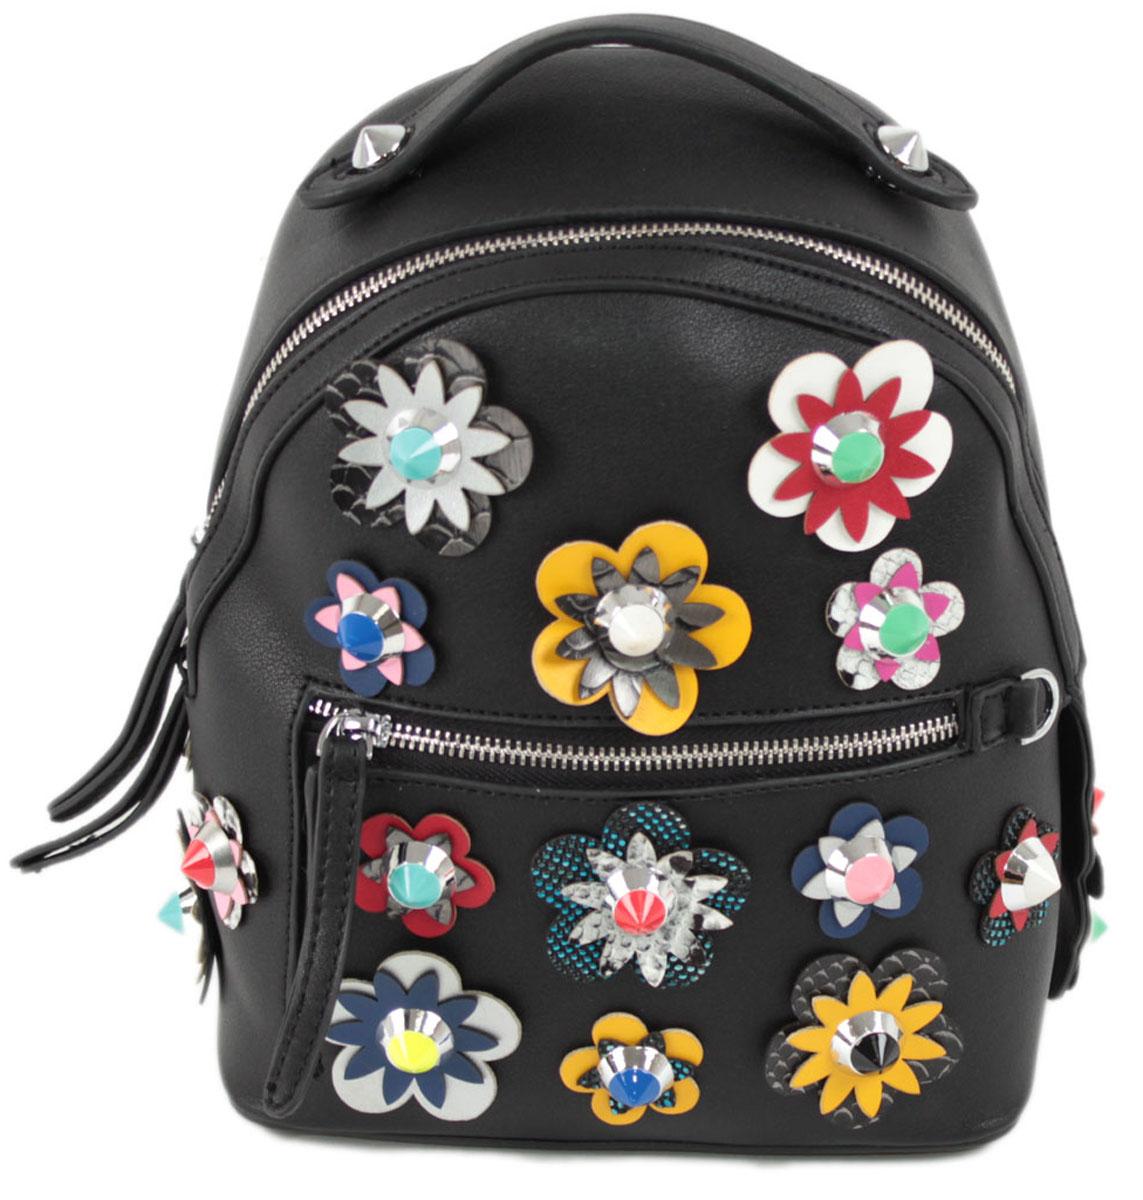 Рюкзак женский Flioraj, цвет: черный. 8157RivaCase 8460 blackЗакрывается на молнию. Внутри одно отделение, открытый карман, карман на молнии, снаружи карман на молнии. Высота ручки 5 см.